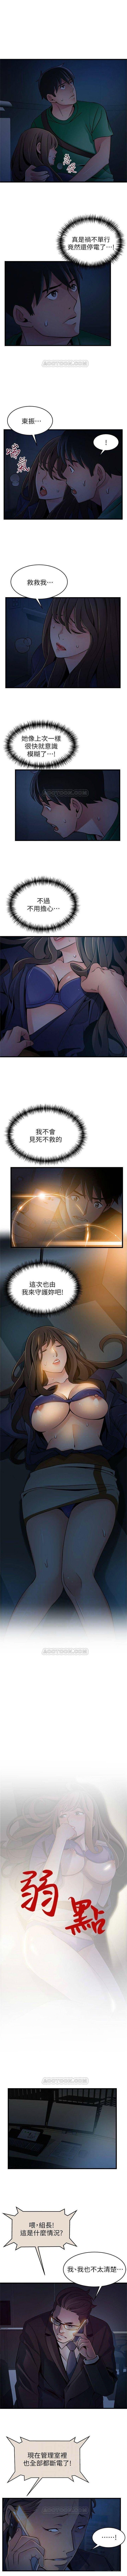 (週7)弱點 1-76 中文翻譯(更新中) 381